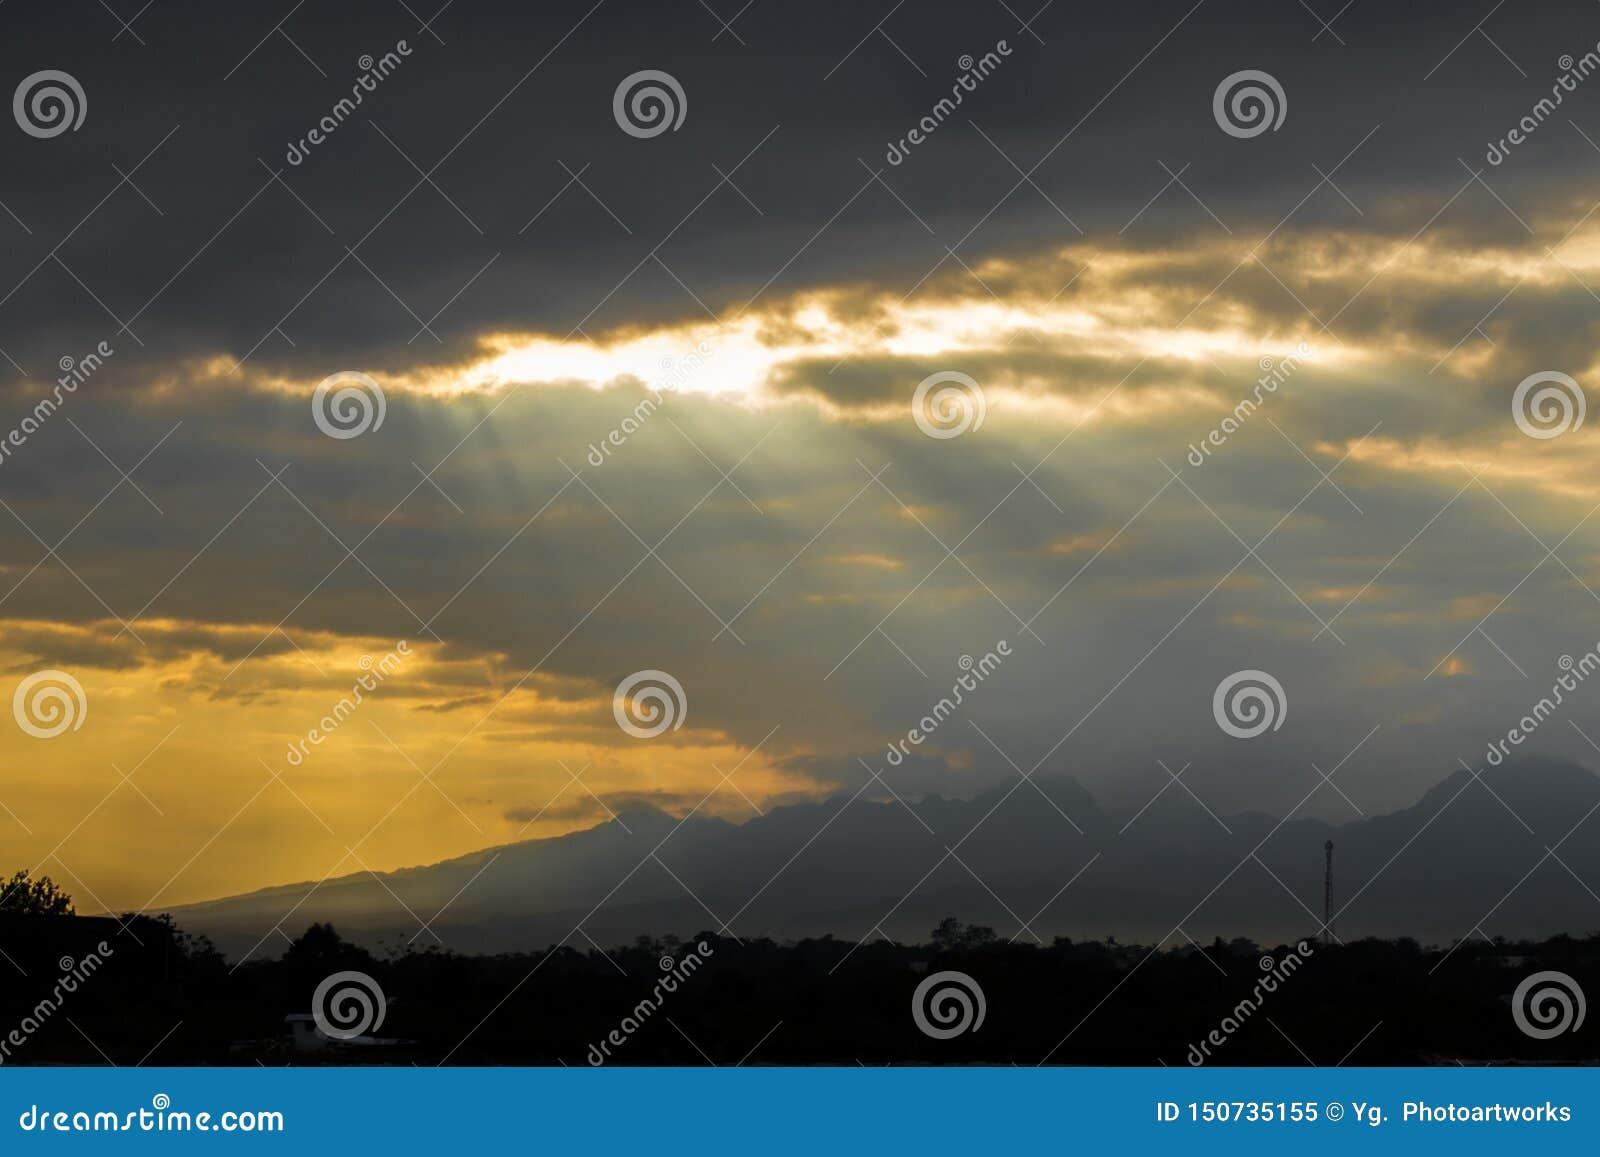 Rayos de Sun a trav?s de las nubes